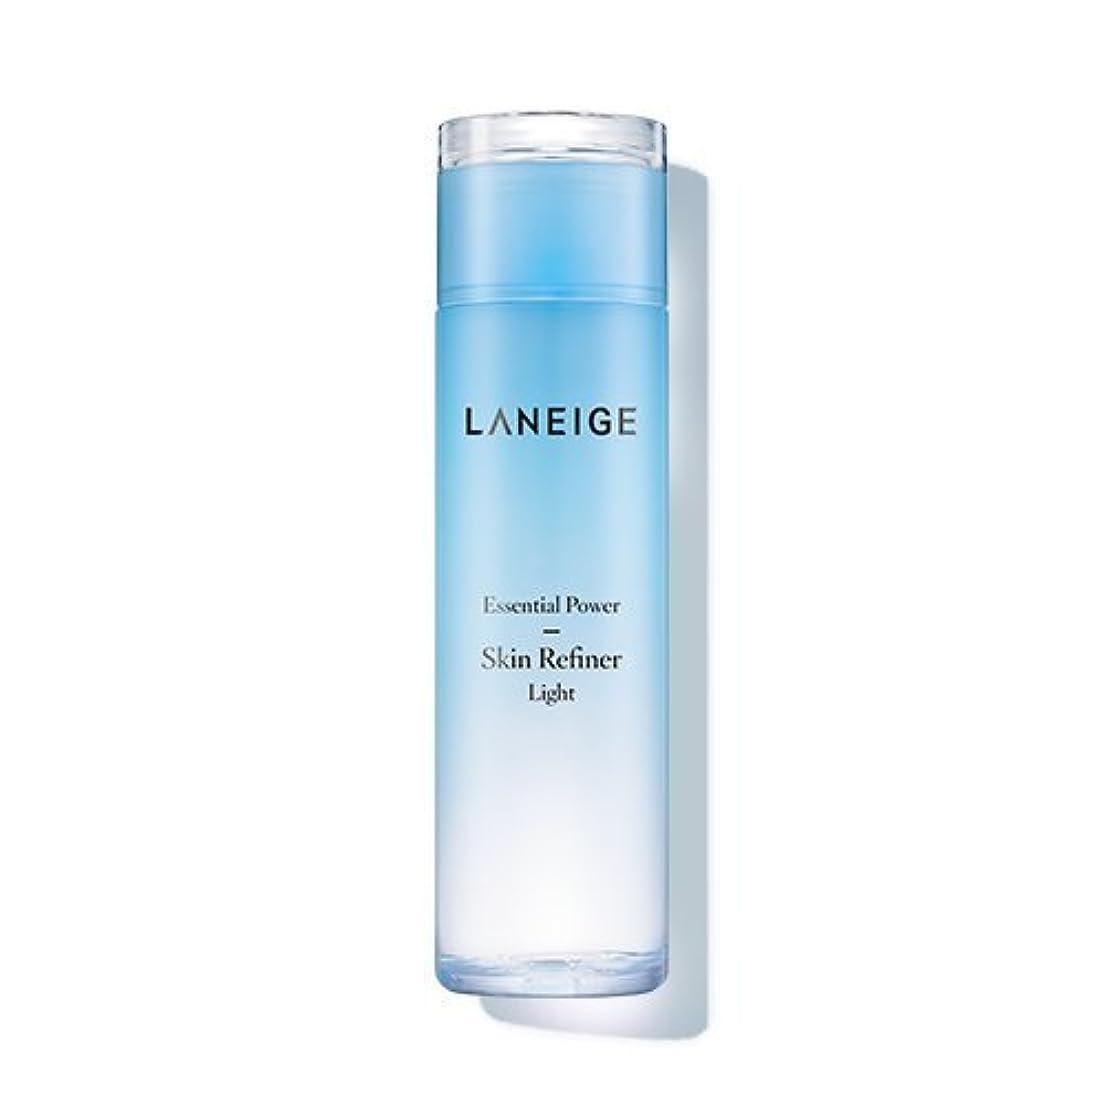 暗黙事実上広大なLANEIGE Essential Power Skin Refiner Light 200ml/ラネージュ エッセンシャル パワー スキン リファイナー ライト 200ml [並行輸入品]